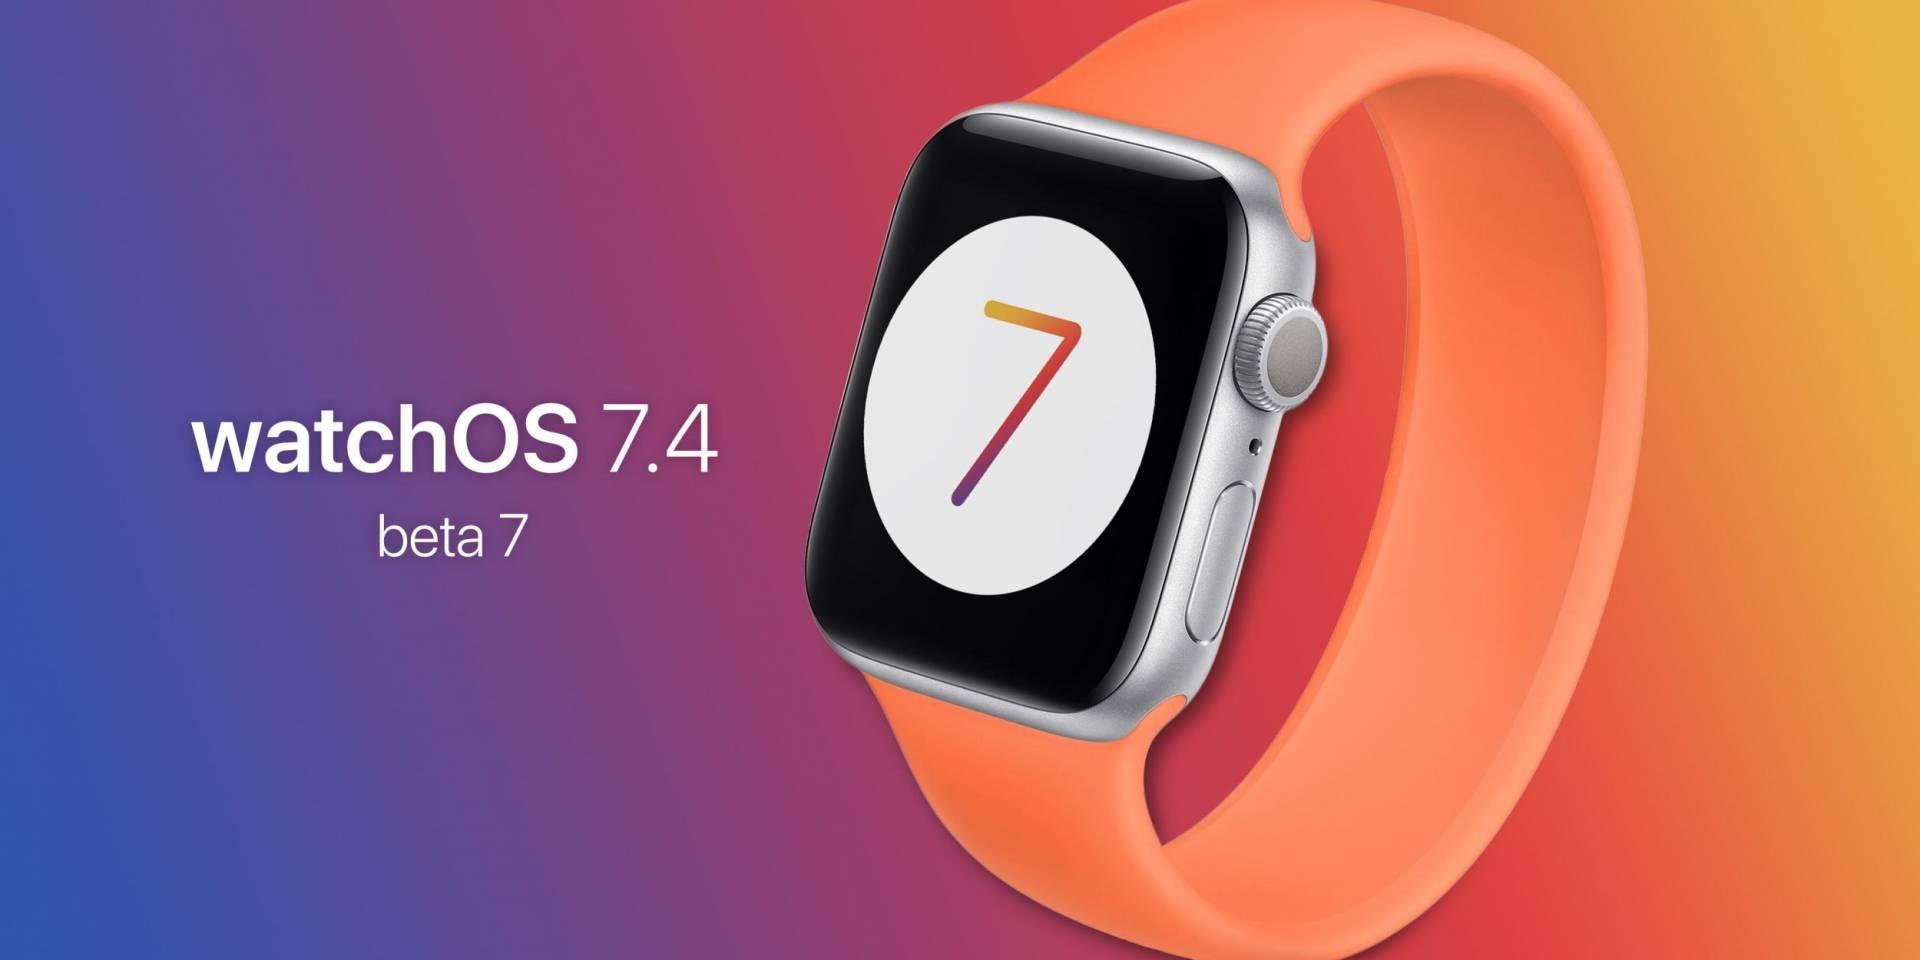 watchOS 7.4 beta 7